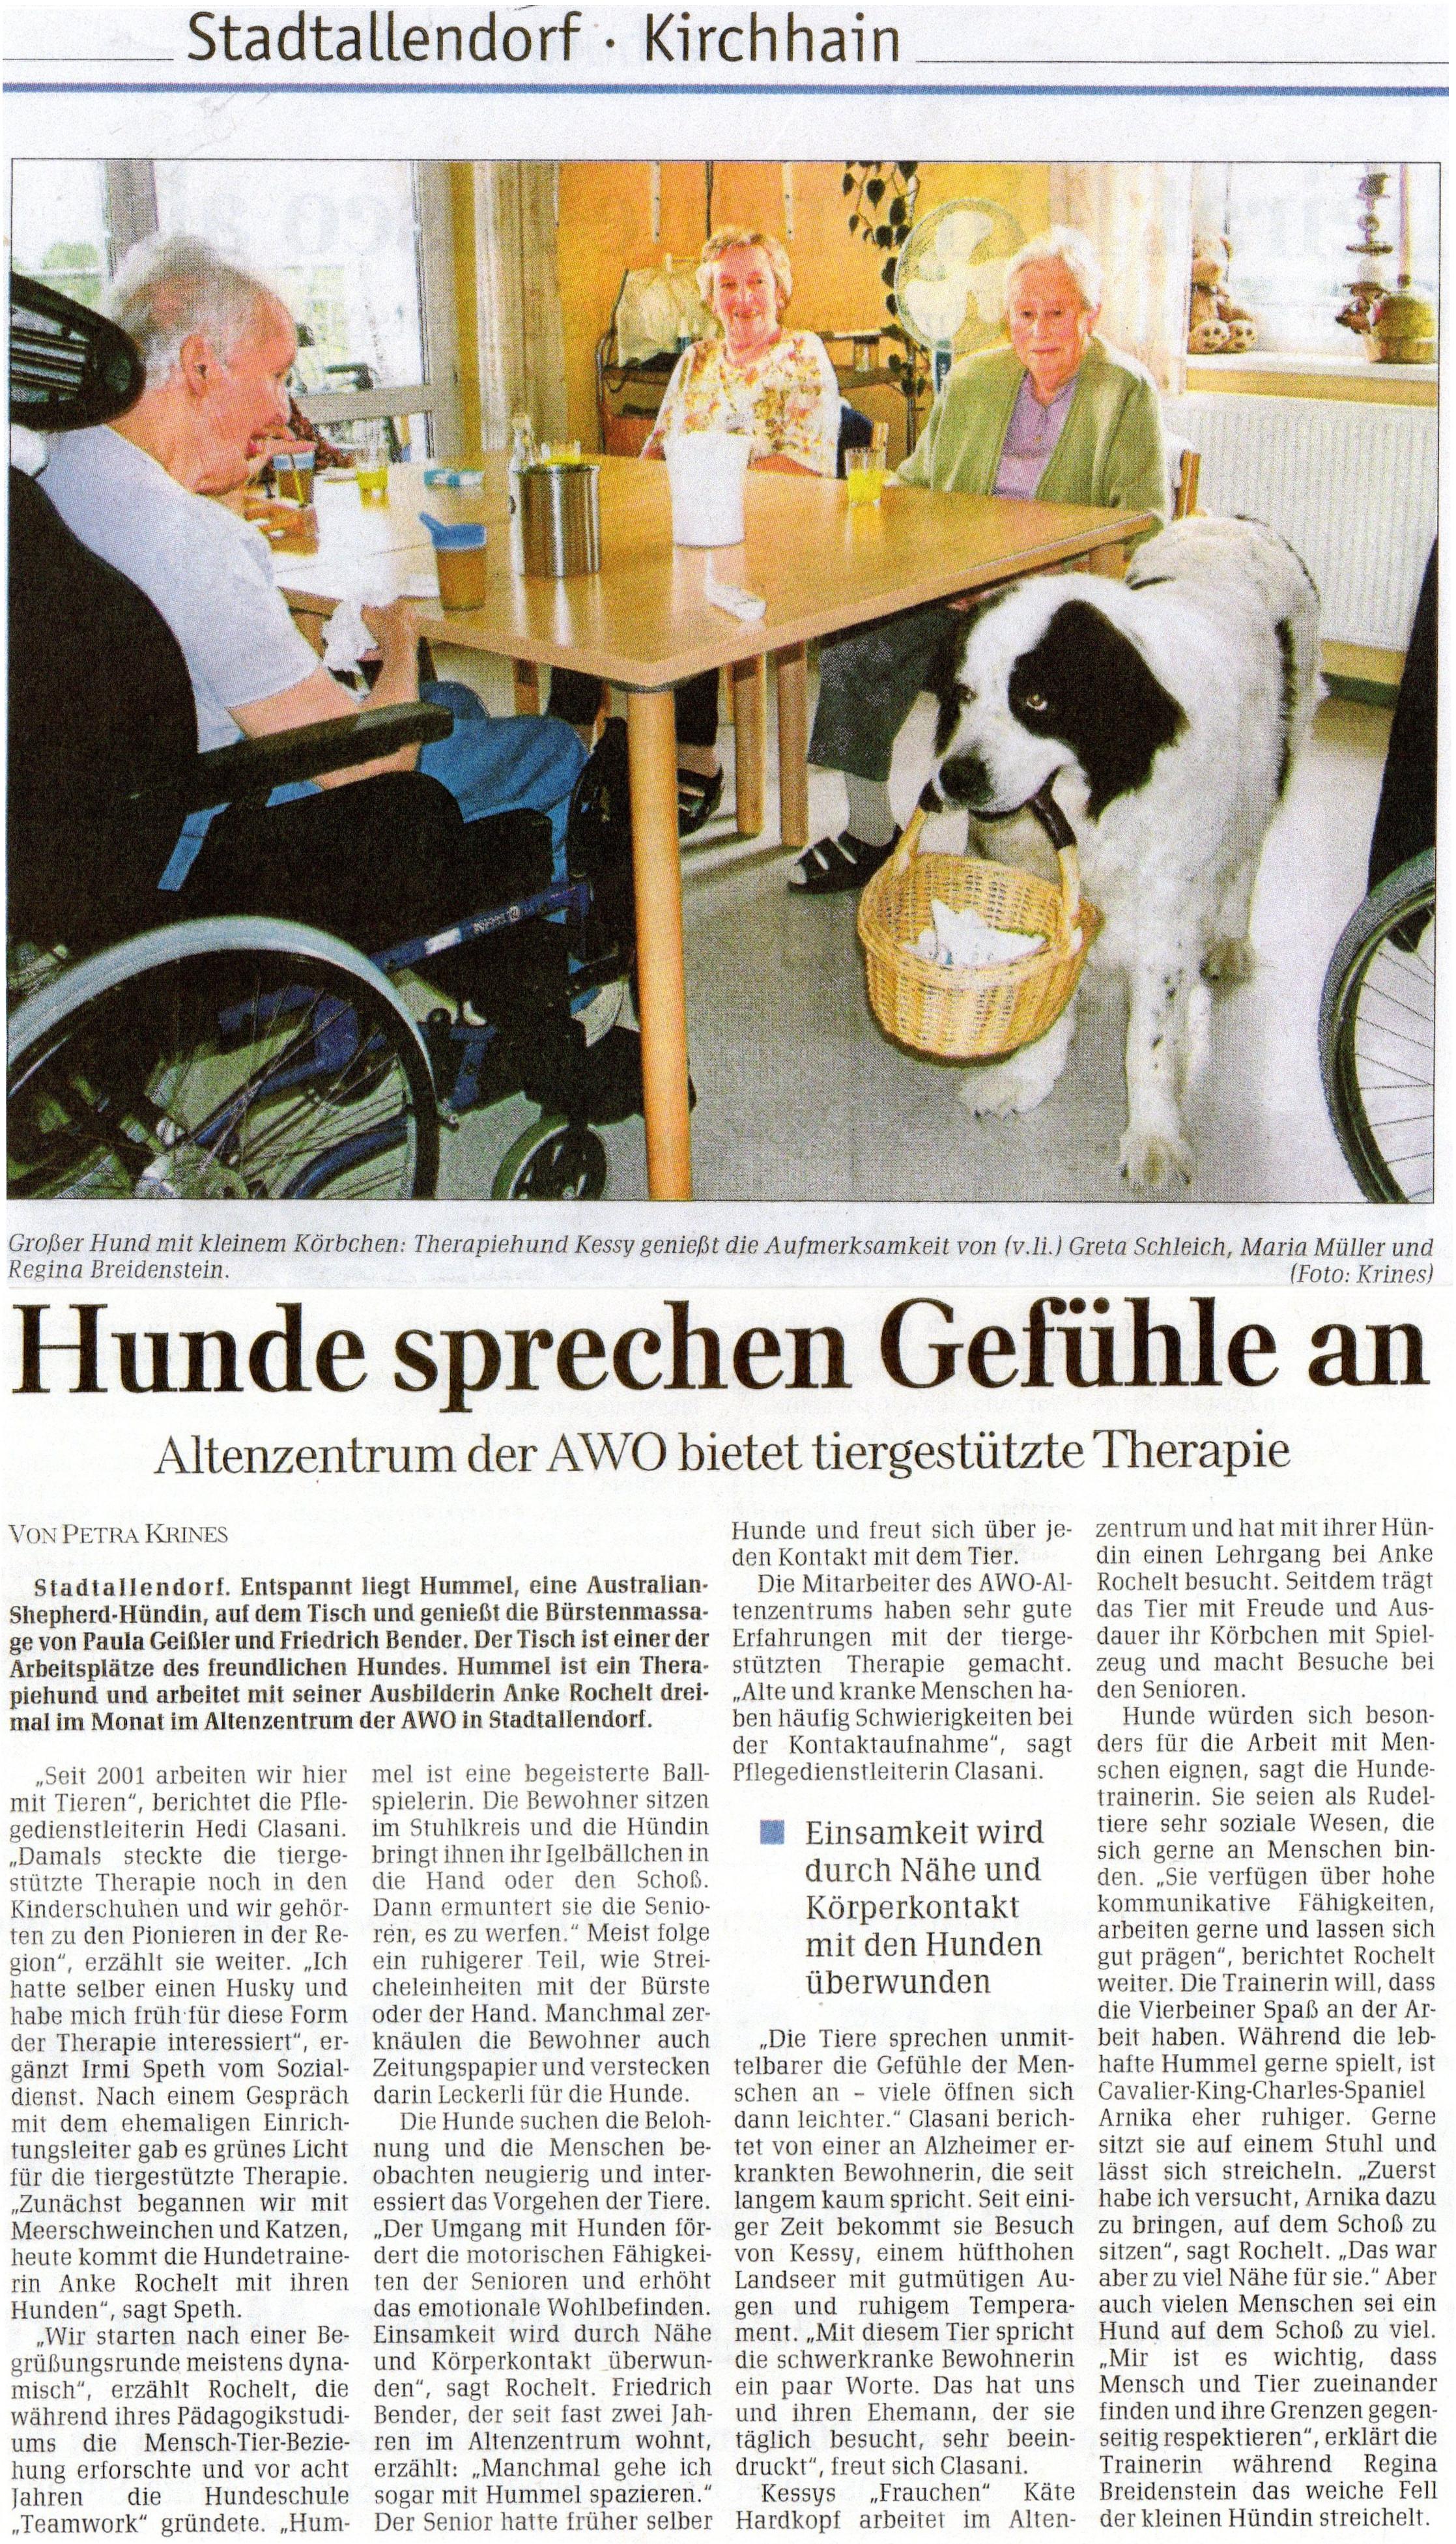 Marburger Neue Zeitung vom 24. August 2010